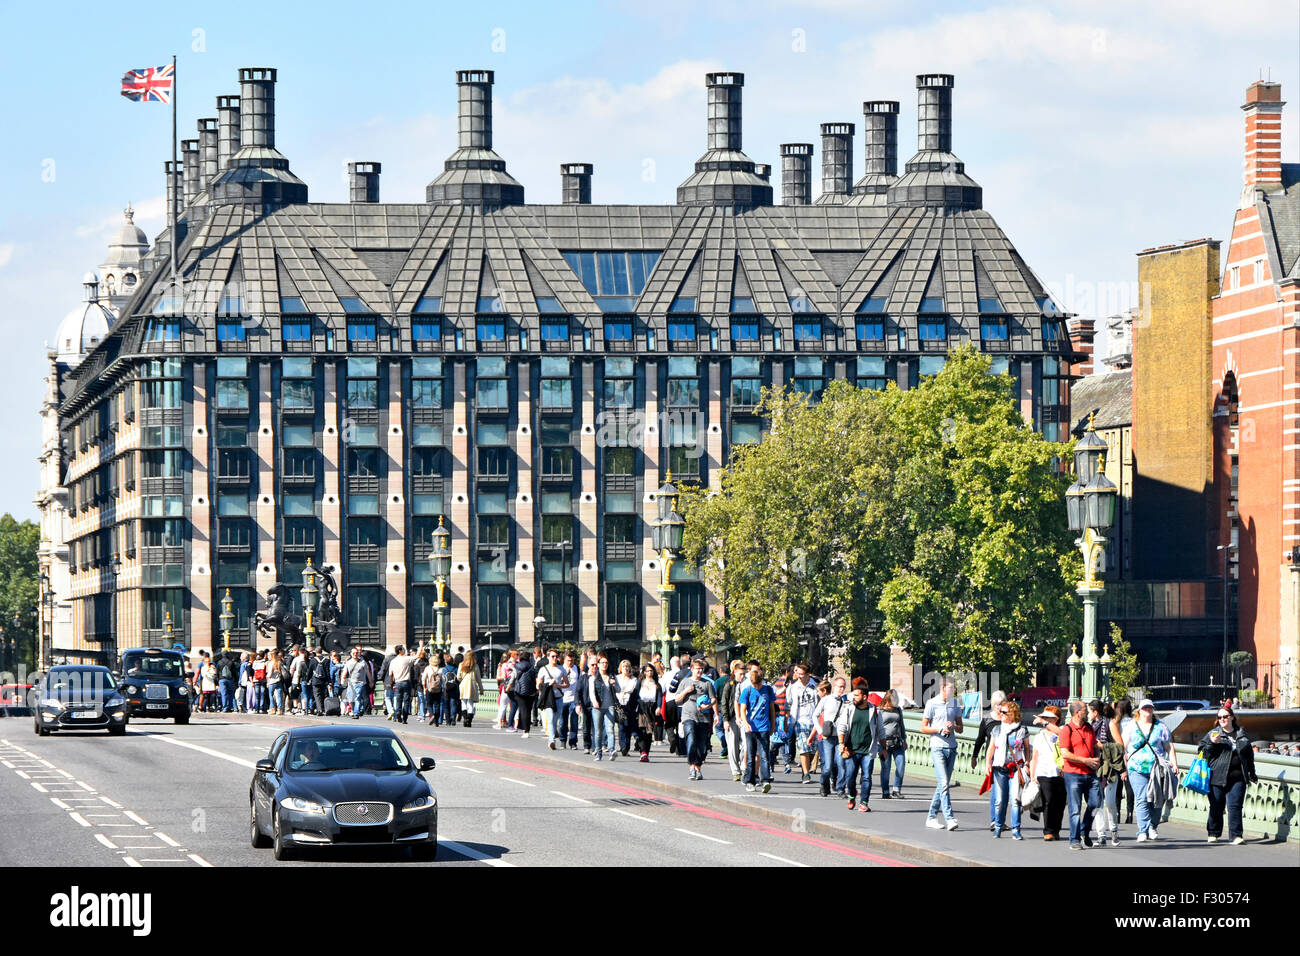 Portcullis House Londres complejo de oficinas para los miembros del Parlamento del Reino Unido con los turistas que caminan a lo largo de Westminster Bridge pavimento Inglaterra Foto de stock